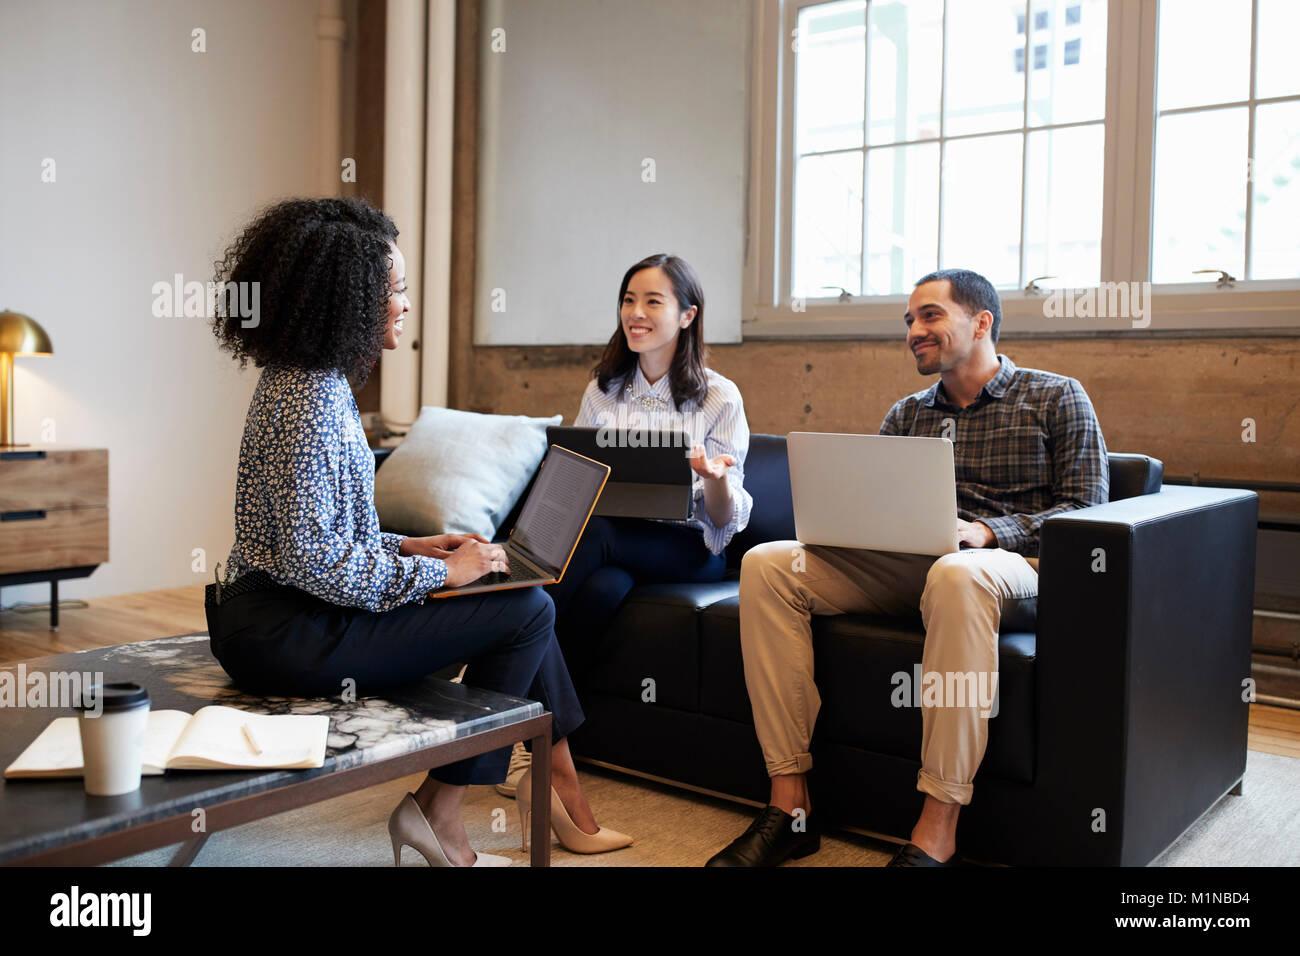 Sonriendo con los compañeros de trabajo con ordenadores portátiles en una reunión casual Imagen De Stock